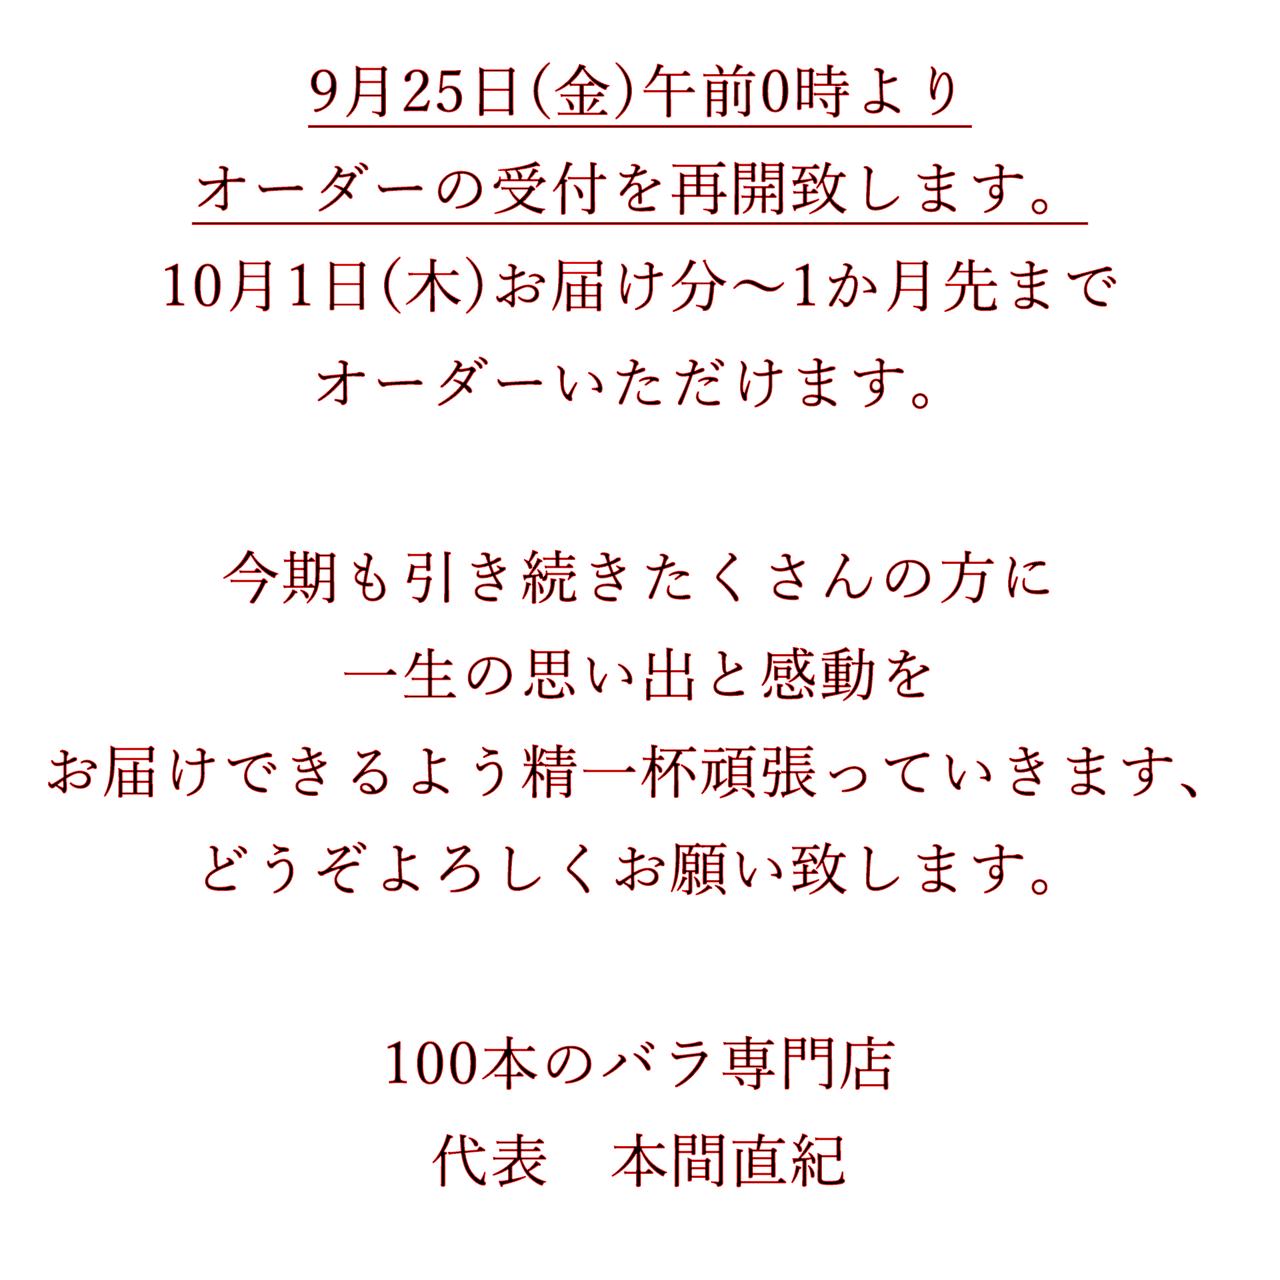 9月25日0時~オーダー受付再開致します